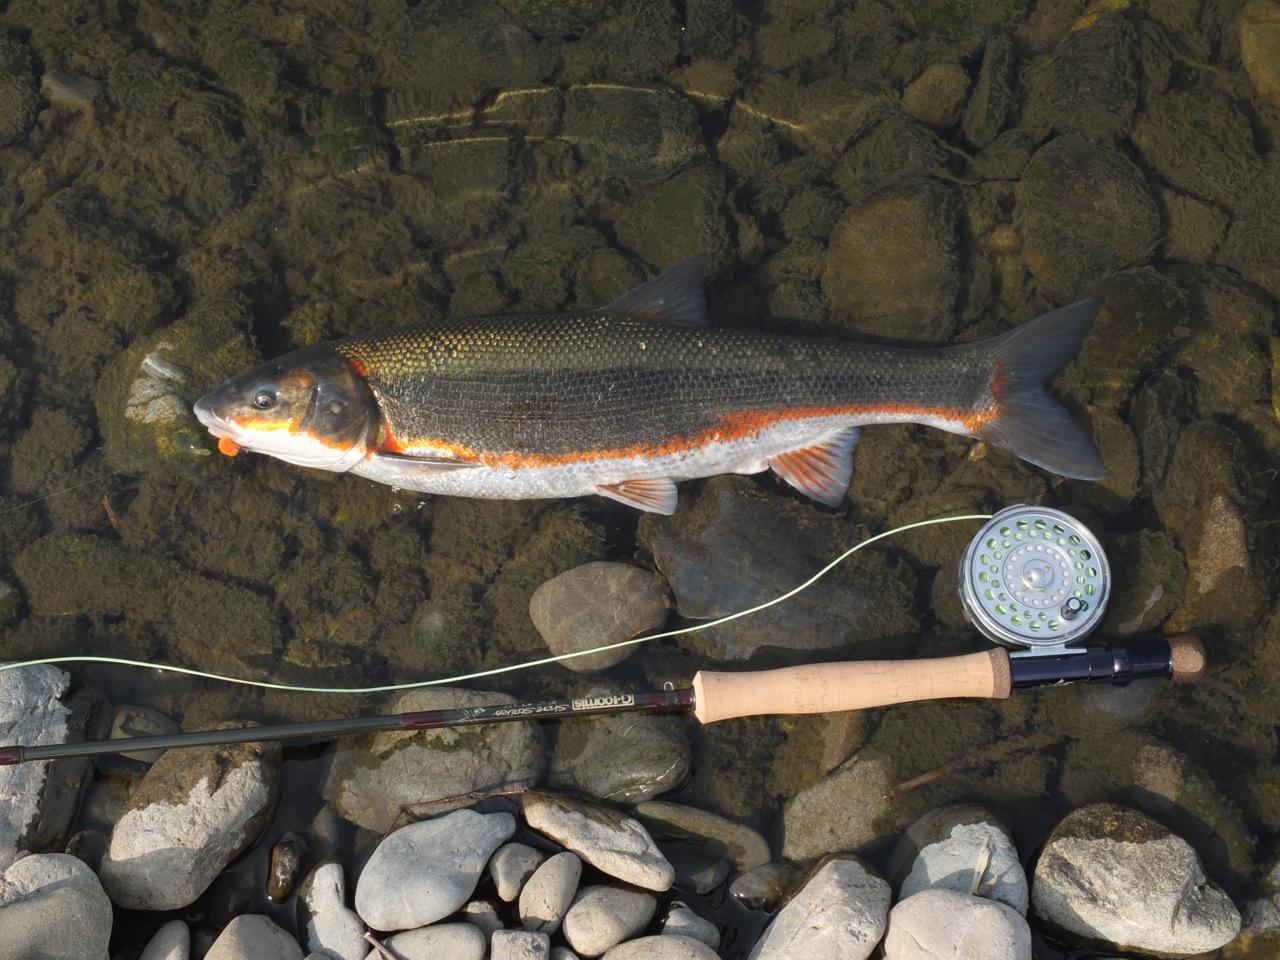 多摩川では魚扁に春と書いてマルタと読みます